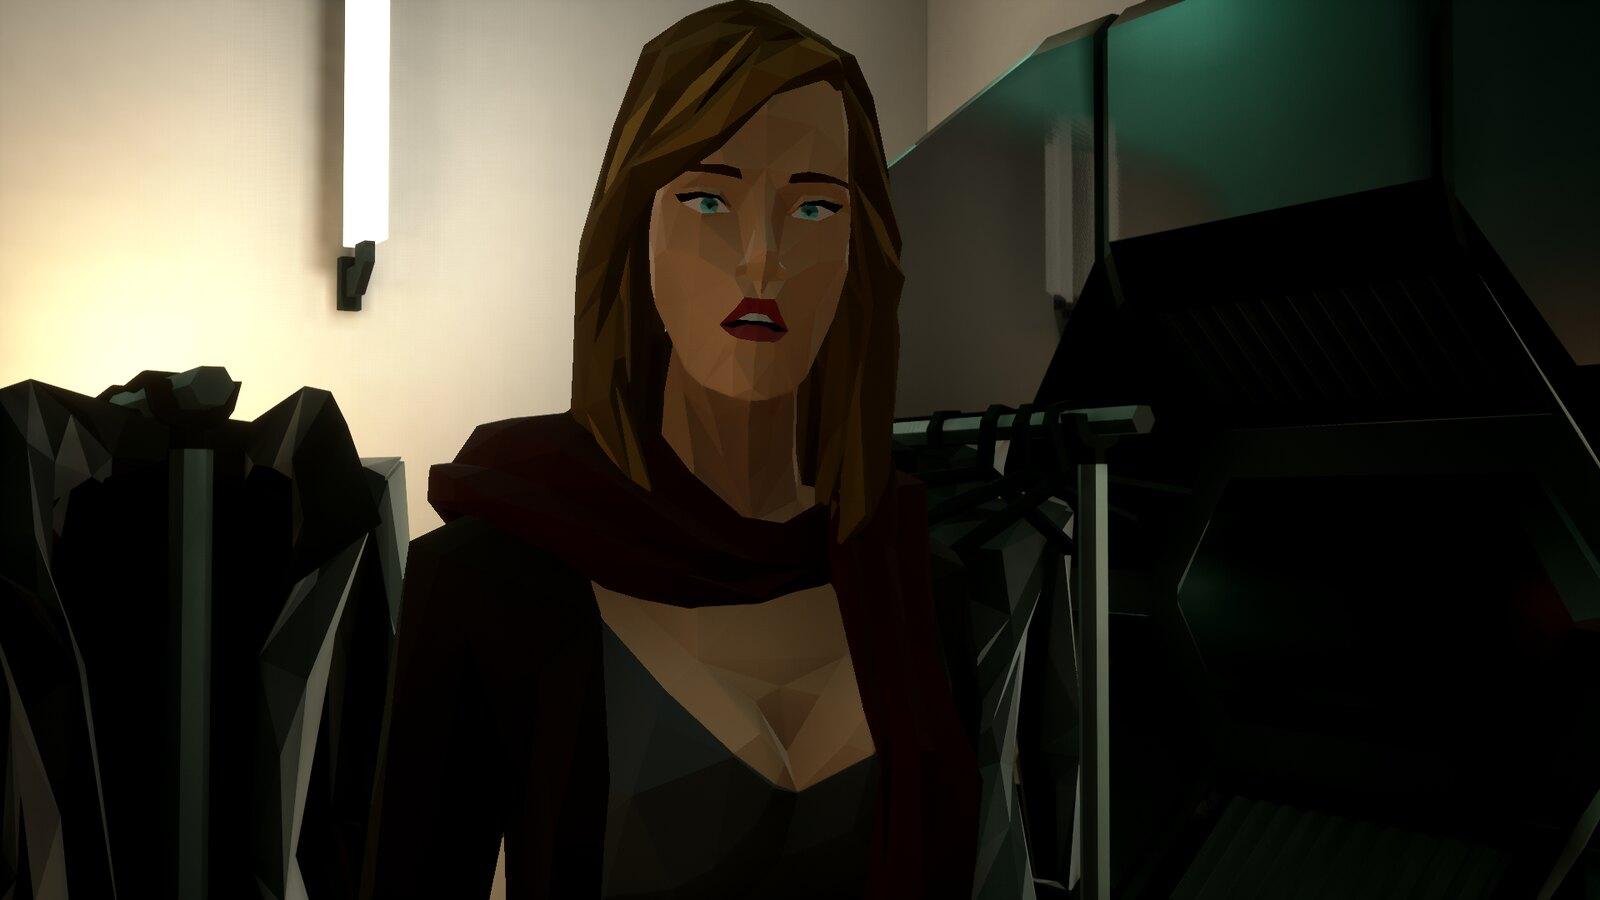 41528384090 3a2851da1c h - Im Sci-Fi-Thriller State of Mind spielt ihr in zwei unterschiedlichen Welten sechs verschiedene Charaktere – Launch am 15. August